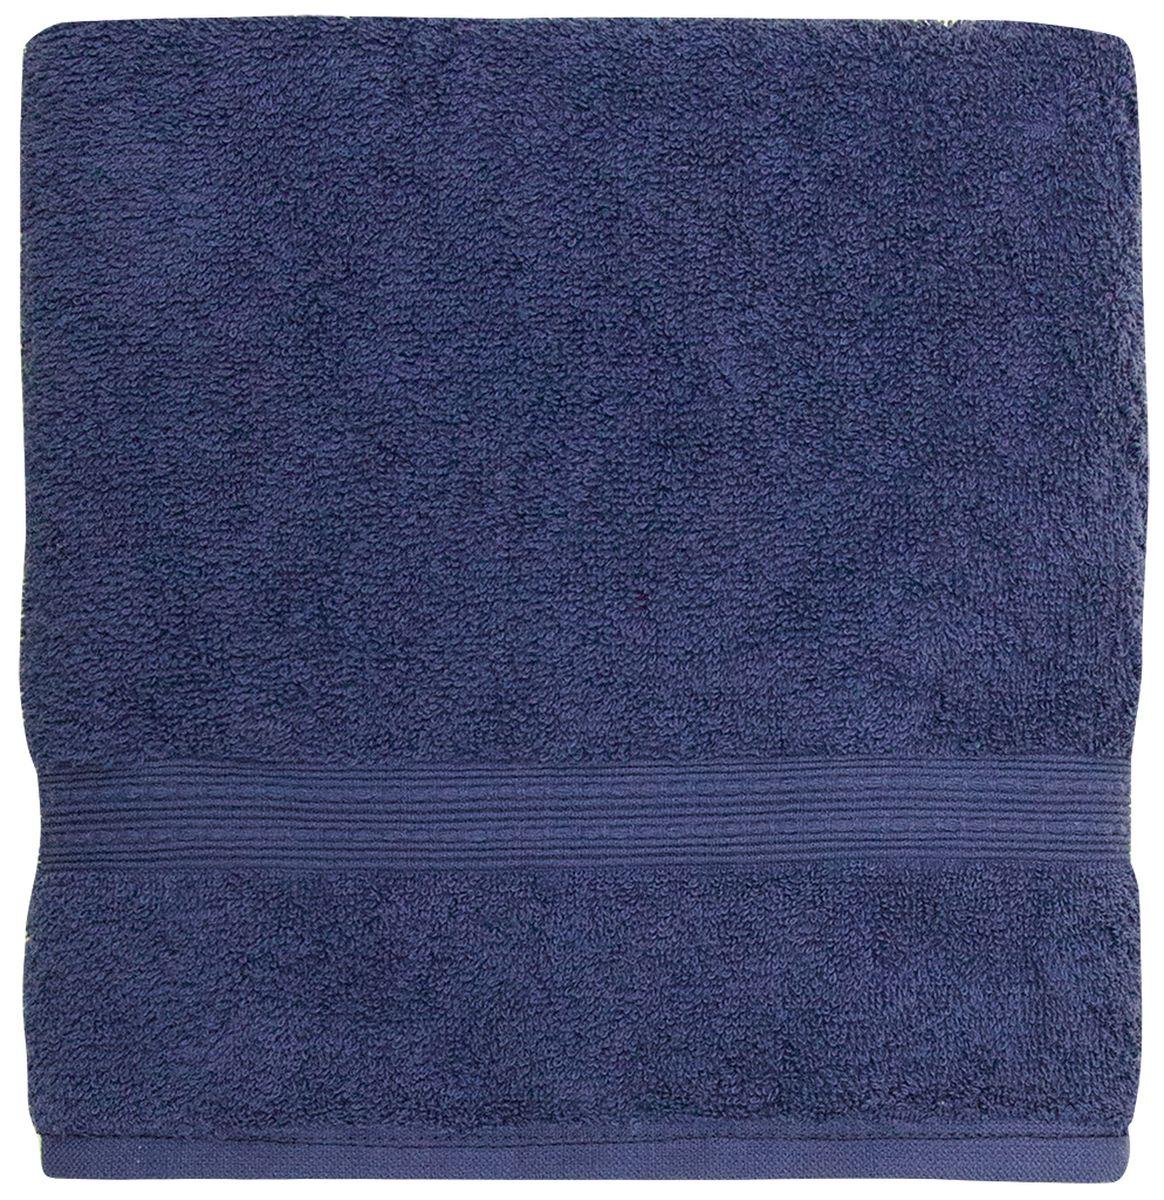 Полотенце банное Bonita Classic, цвет: сапфир, 70 х 140 см68/5/1Банное полотенце Bonita Classic выполнено из 100% хлопка. Изделие отлично впитывает влагу, быстро сохнет, сохраняет яркость цвета и не теряет форму даже после многократных стирок. Такое полотенце очень практично и неприхотливо в уходе. Оно создаст прекрасное настроение и украсит интерьер в ванной комнате.